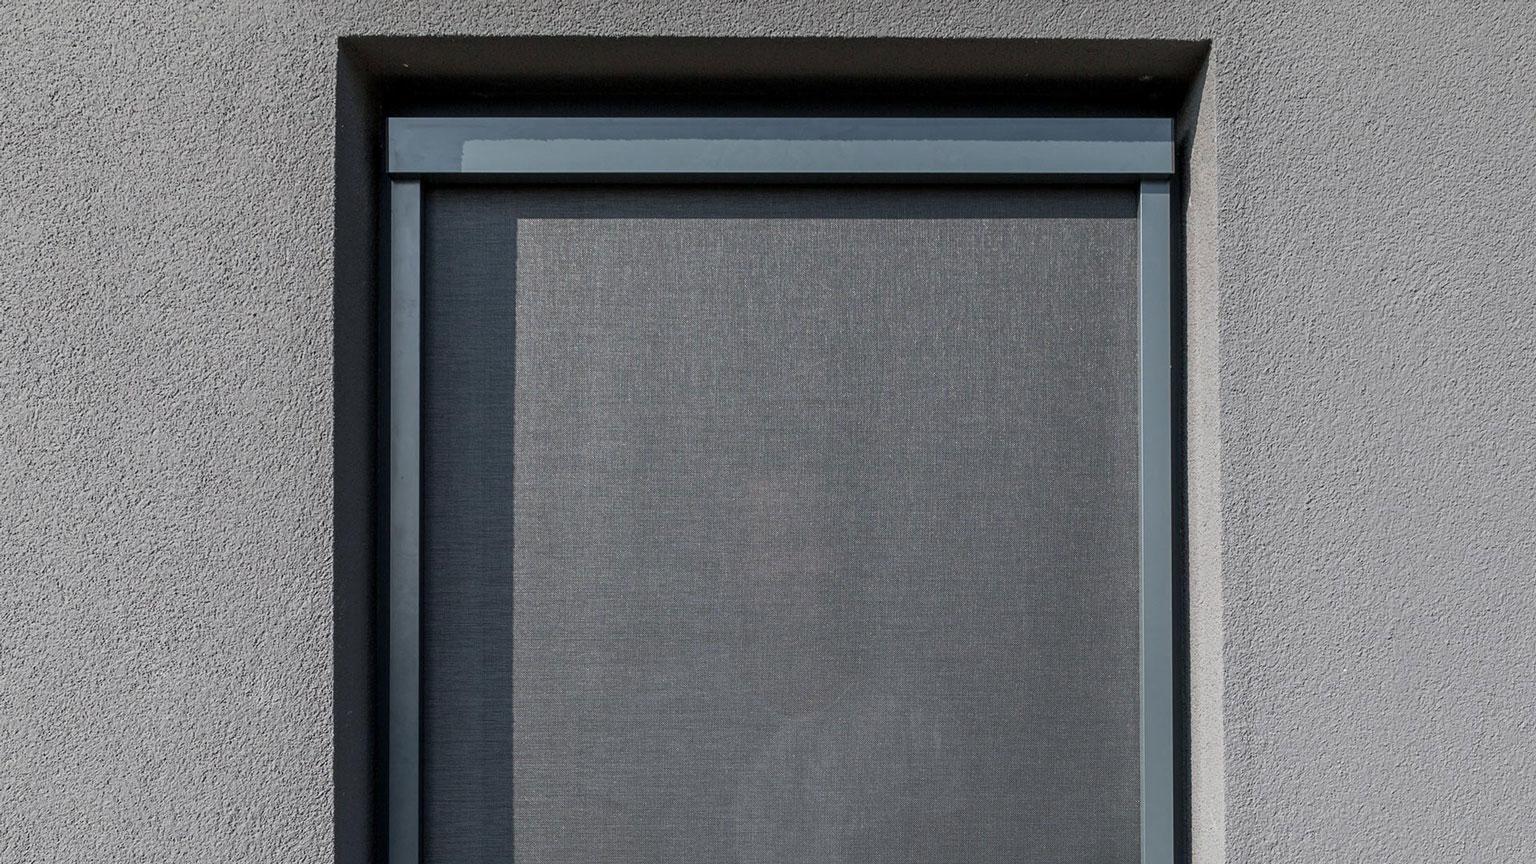 Full Size of Sonnenschutz Fenster Innen Selber Machen Ikea Rollos Folie Velux Innenrollos Saugnapf Plissee Oder Aussen Ohne Bohren Kbe Bodentief Garten Holz Alu Preise Fenster Sonnenschutz Fenster Innen